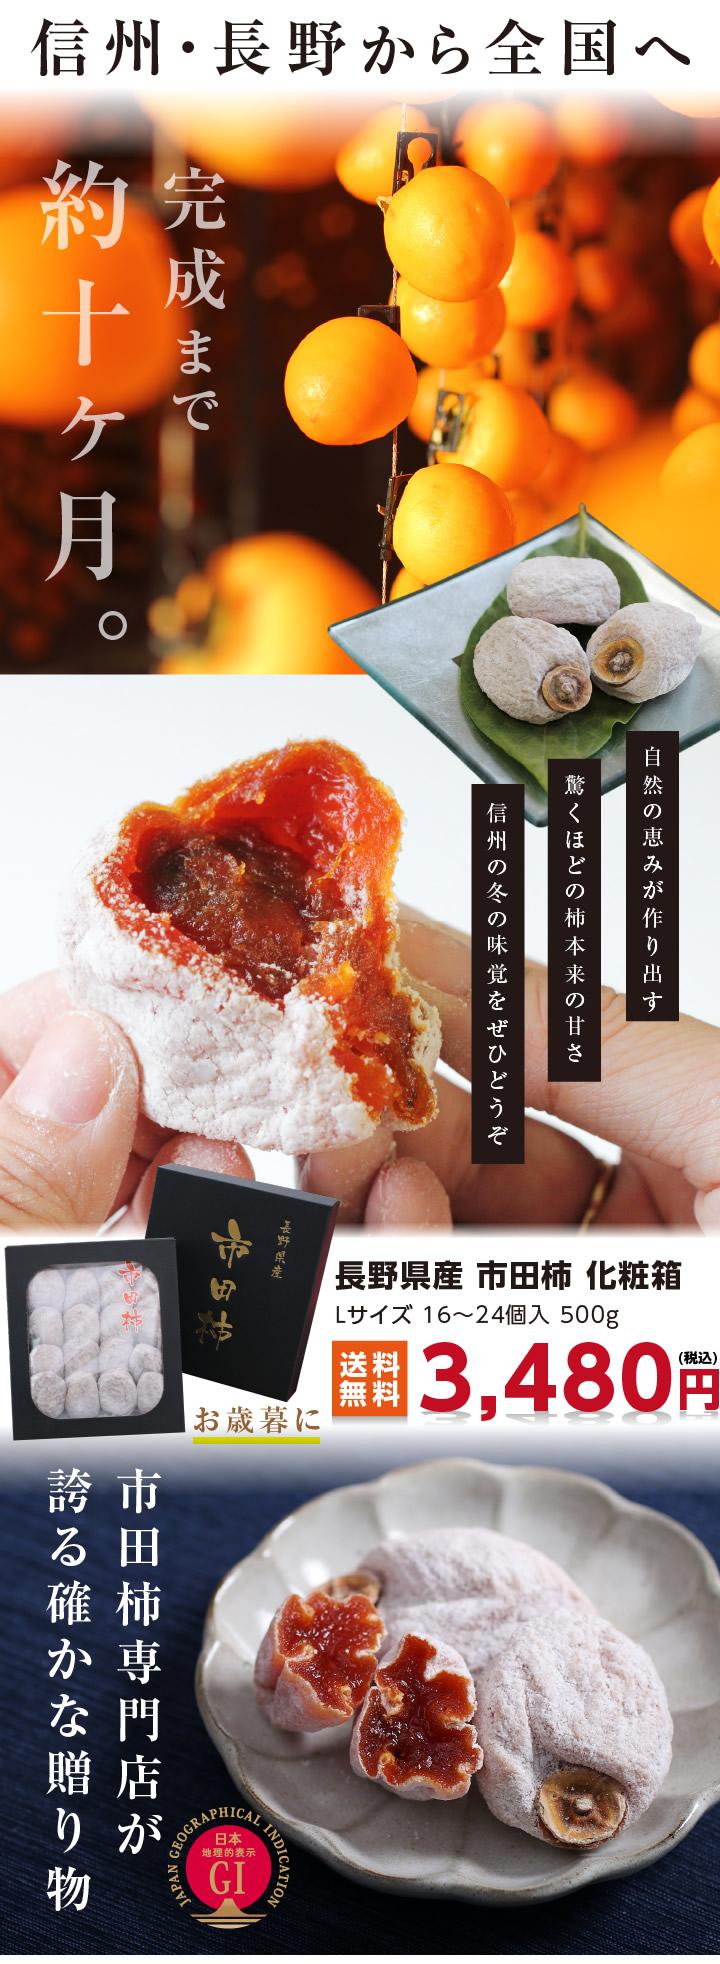 送料無料で長野・信州から市田柿を送料無料でお届けします